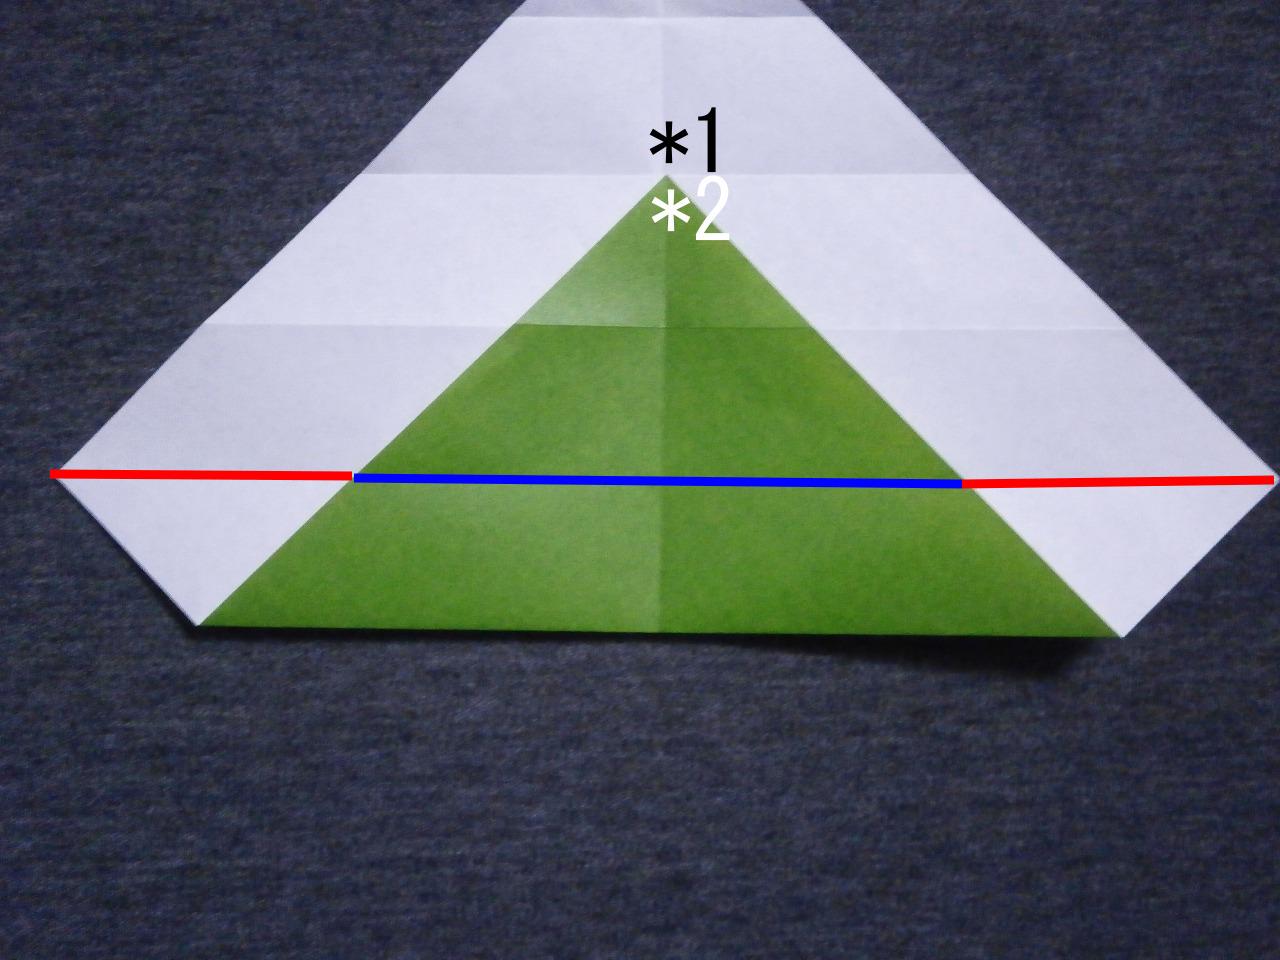 KATAKOTO ORIGAMI: How to fold an origami snake - photo#19